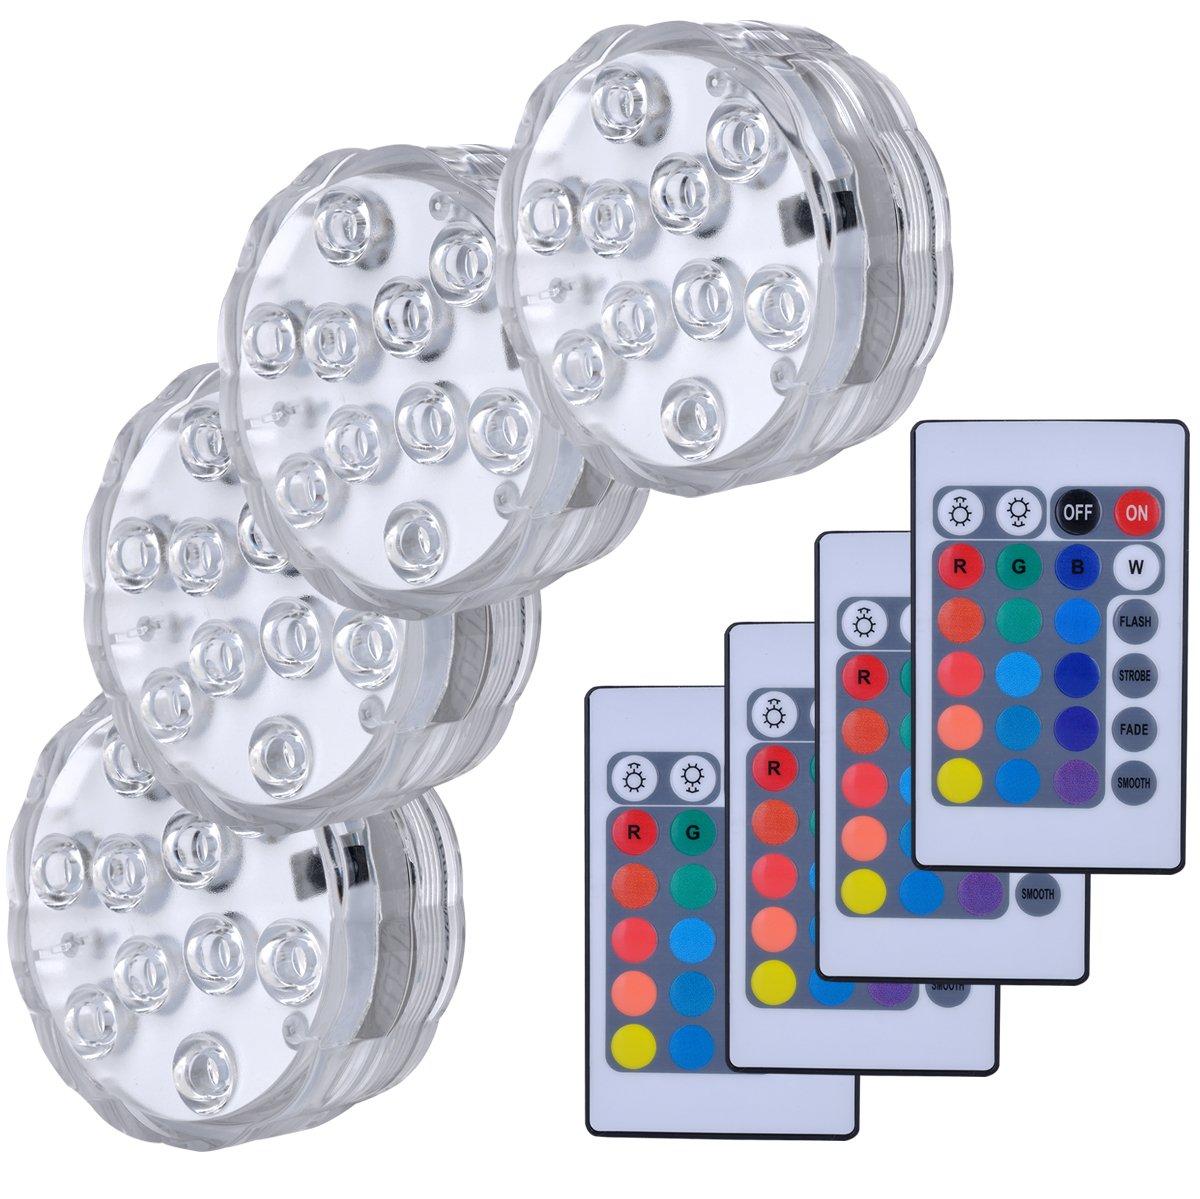 Lumière submersible de LED, Lampes sous-marines LED Éclairage Submersible Multi-couleur avec télécommande Étanche IP68 pour Piscine/Décorations//Fête Lot de 4 hitopin HPUK-LED4